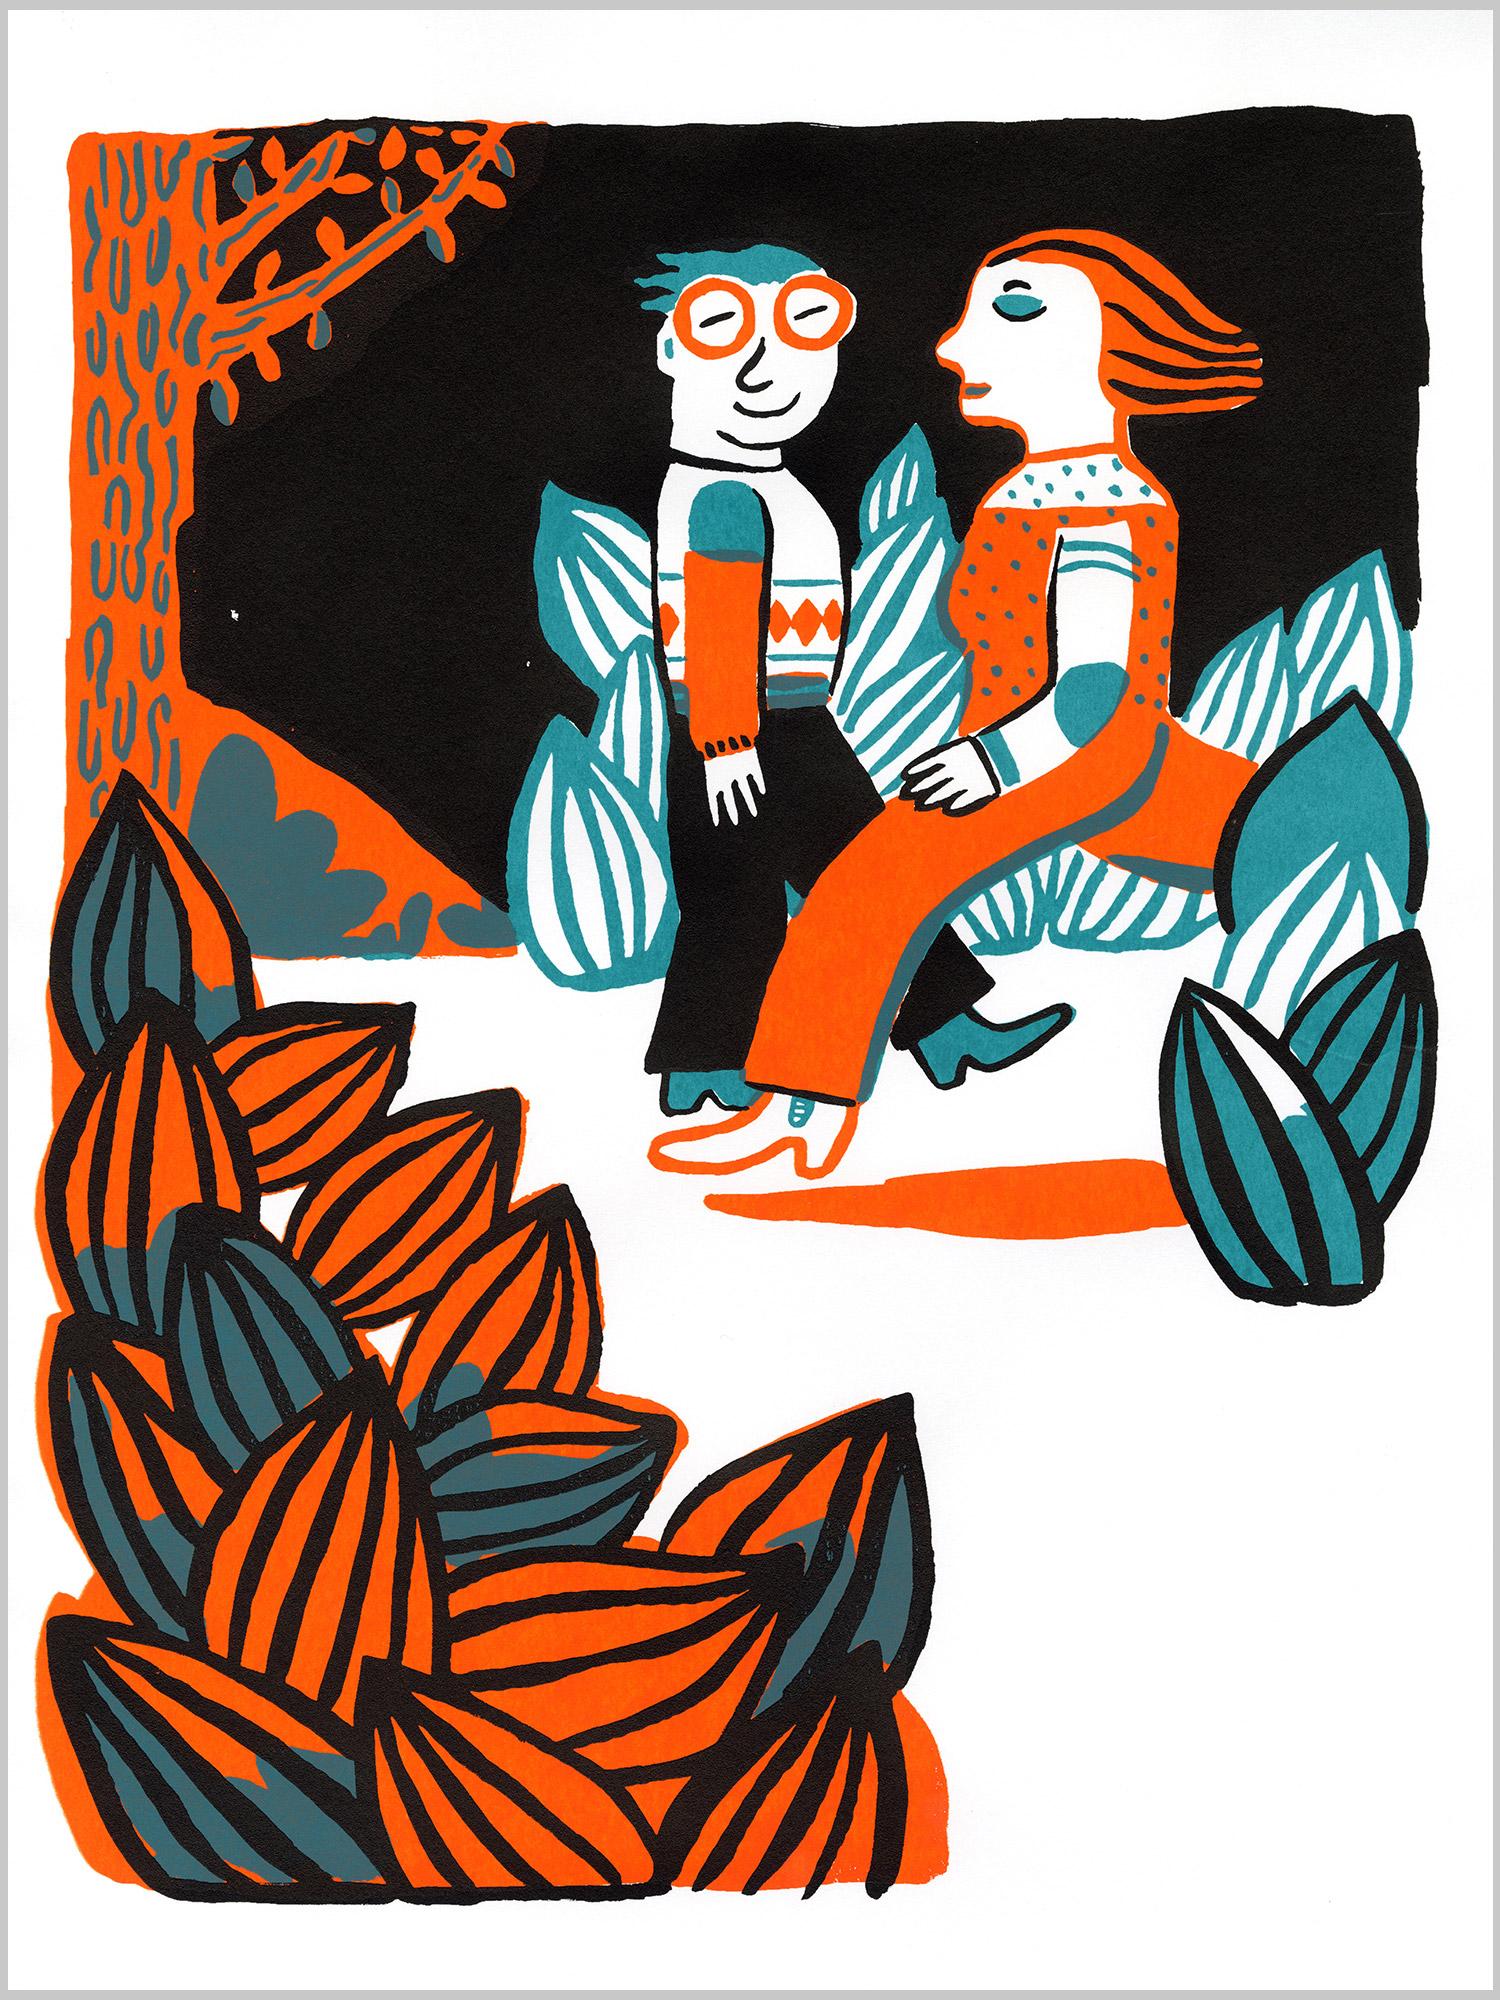 sérigraphie La Course Magali Bardos silkscreen printing orange bleu blue black noir lunette bottes motifs végétation feuilles glasses pattern leaves